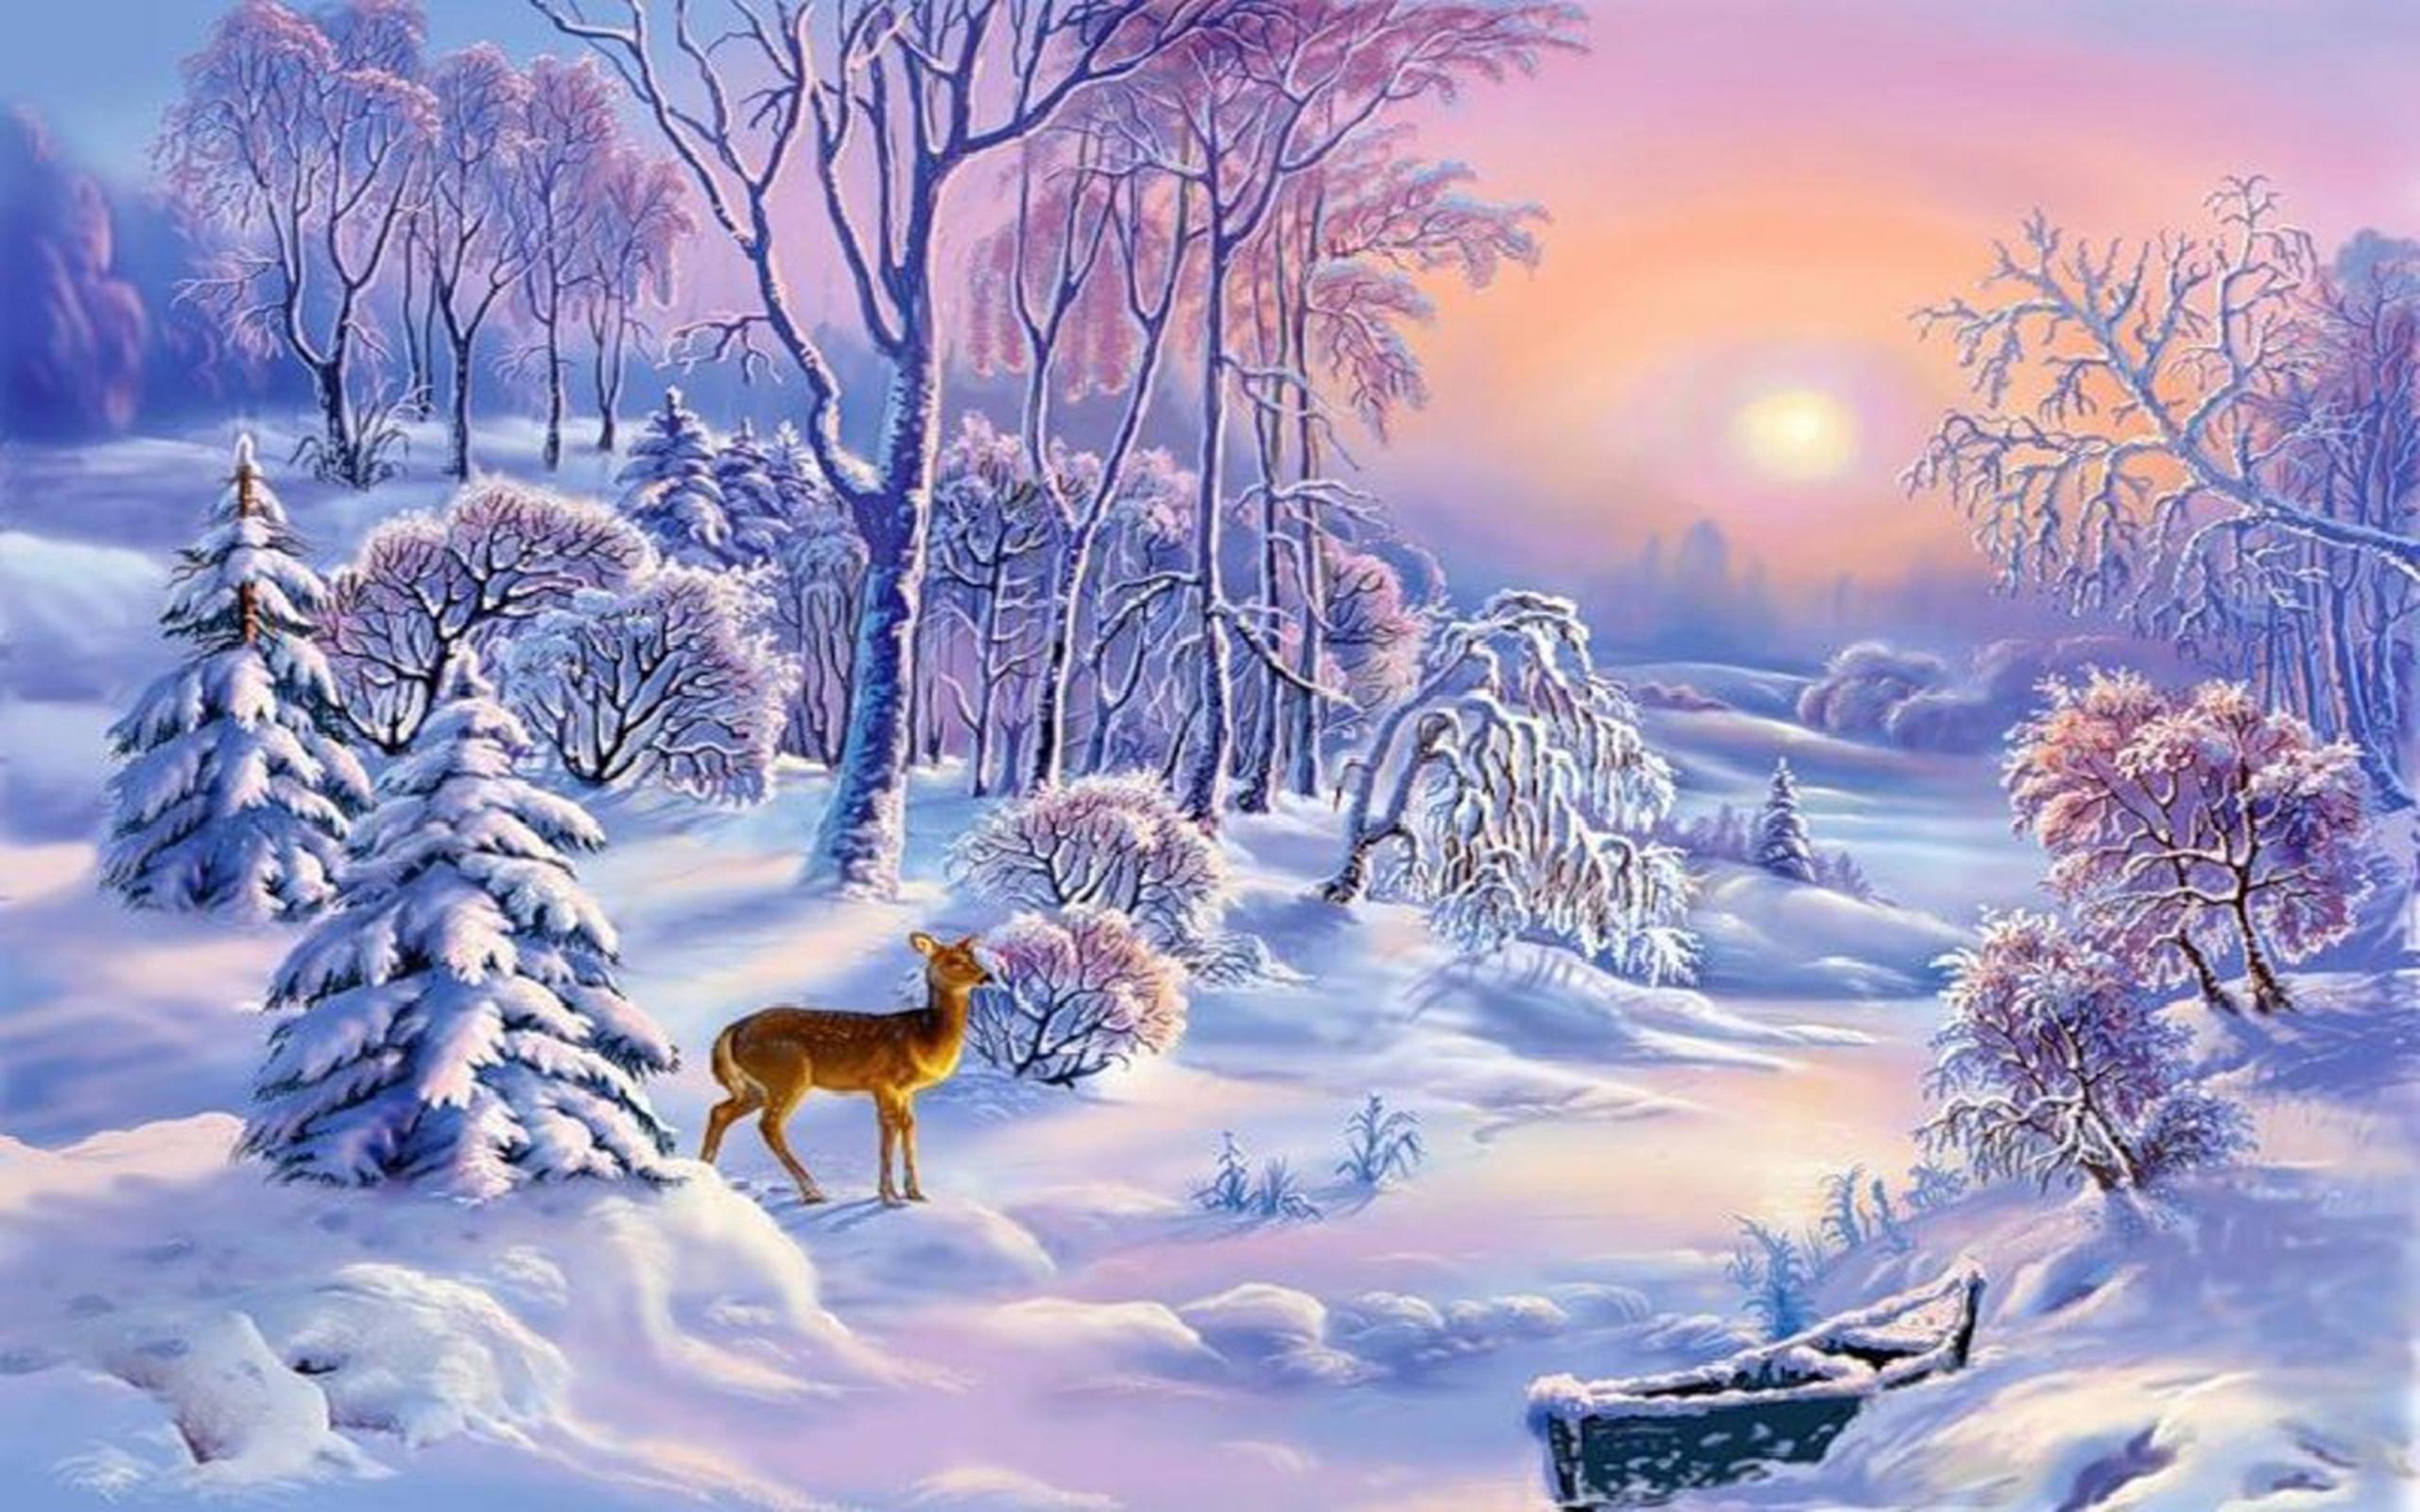 Картинки санта клаус  фото Санта Клауса